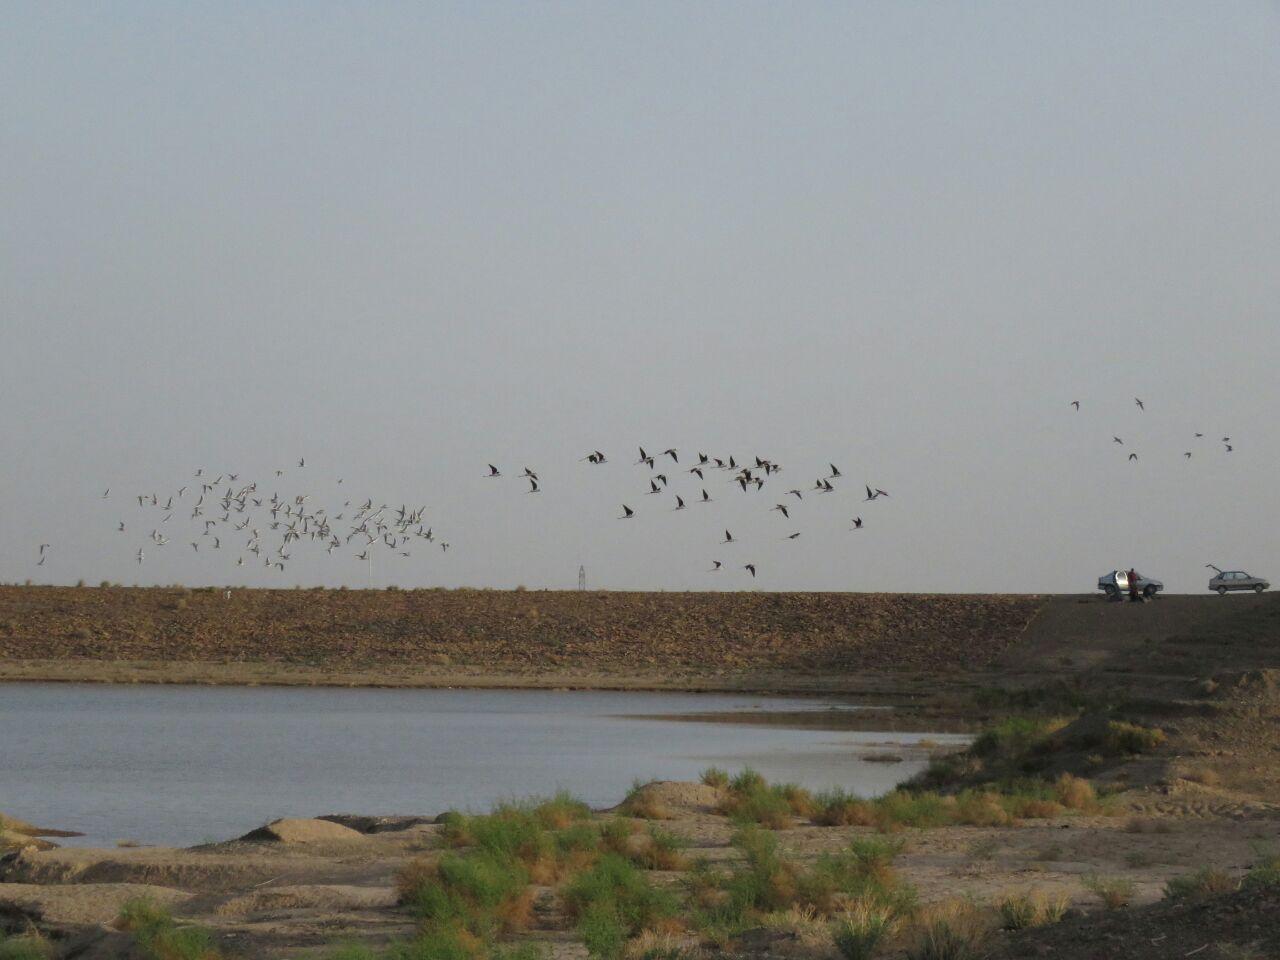 امسال میزبان بیش از شانزده گونه مختلف پرندگان مهاجر بود